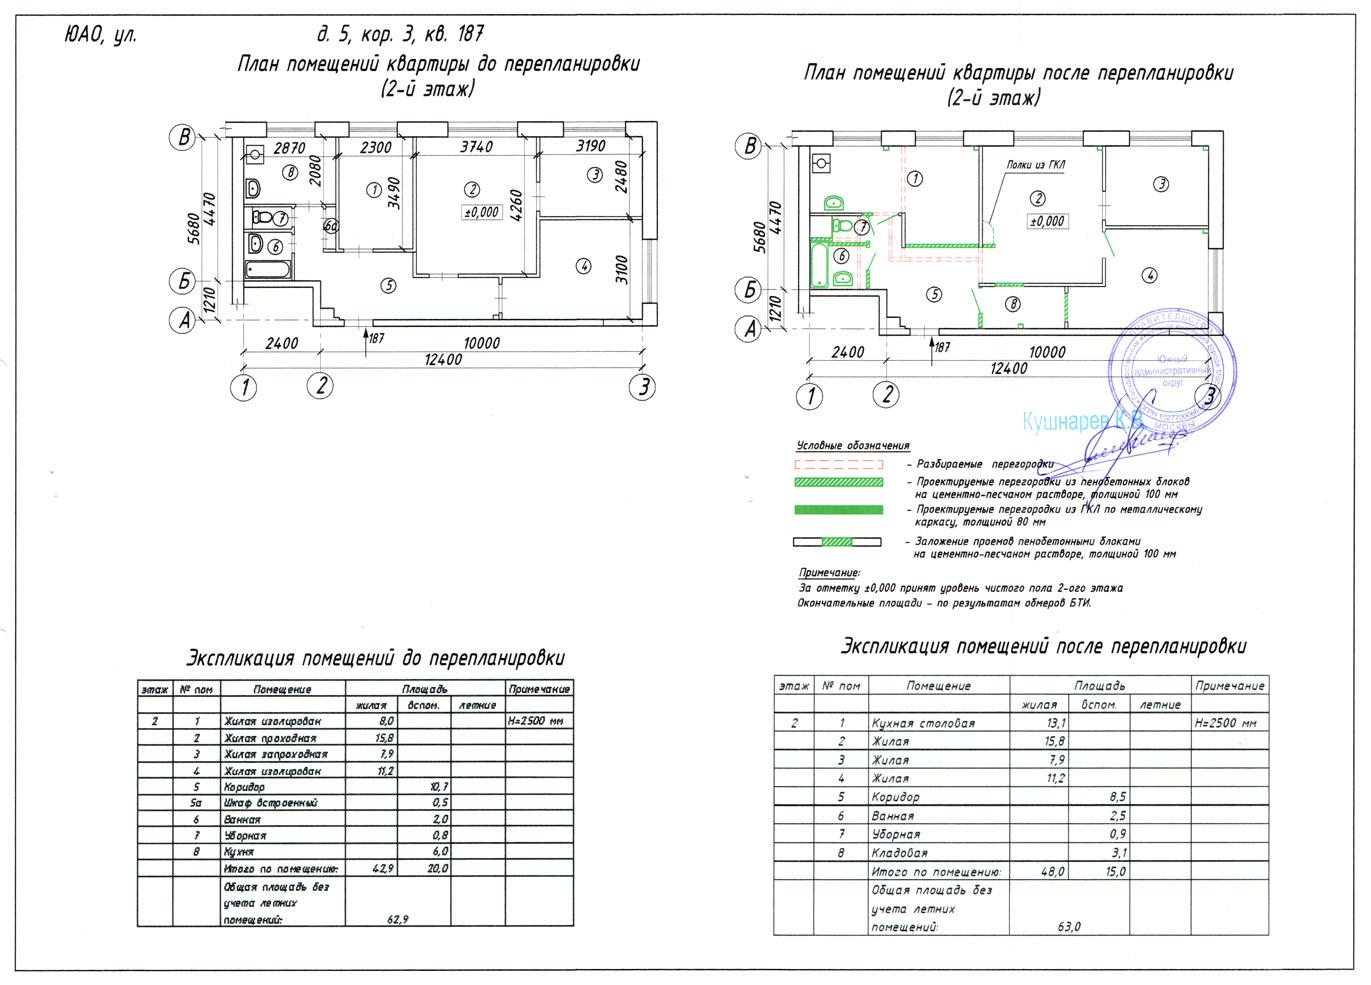 Эскиз перепланировки квартиры образец